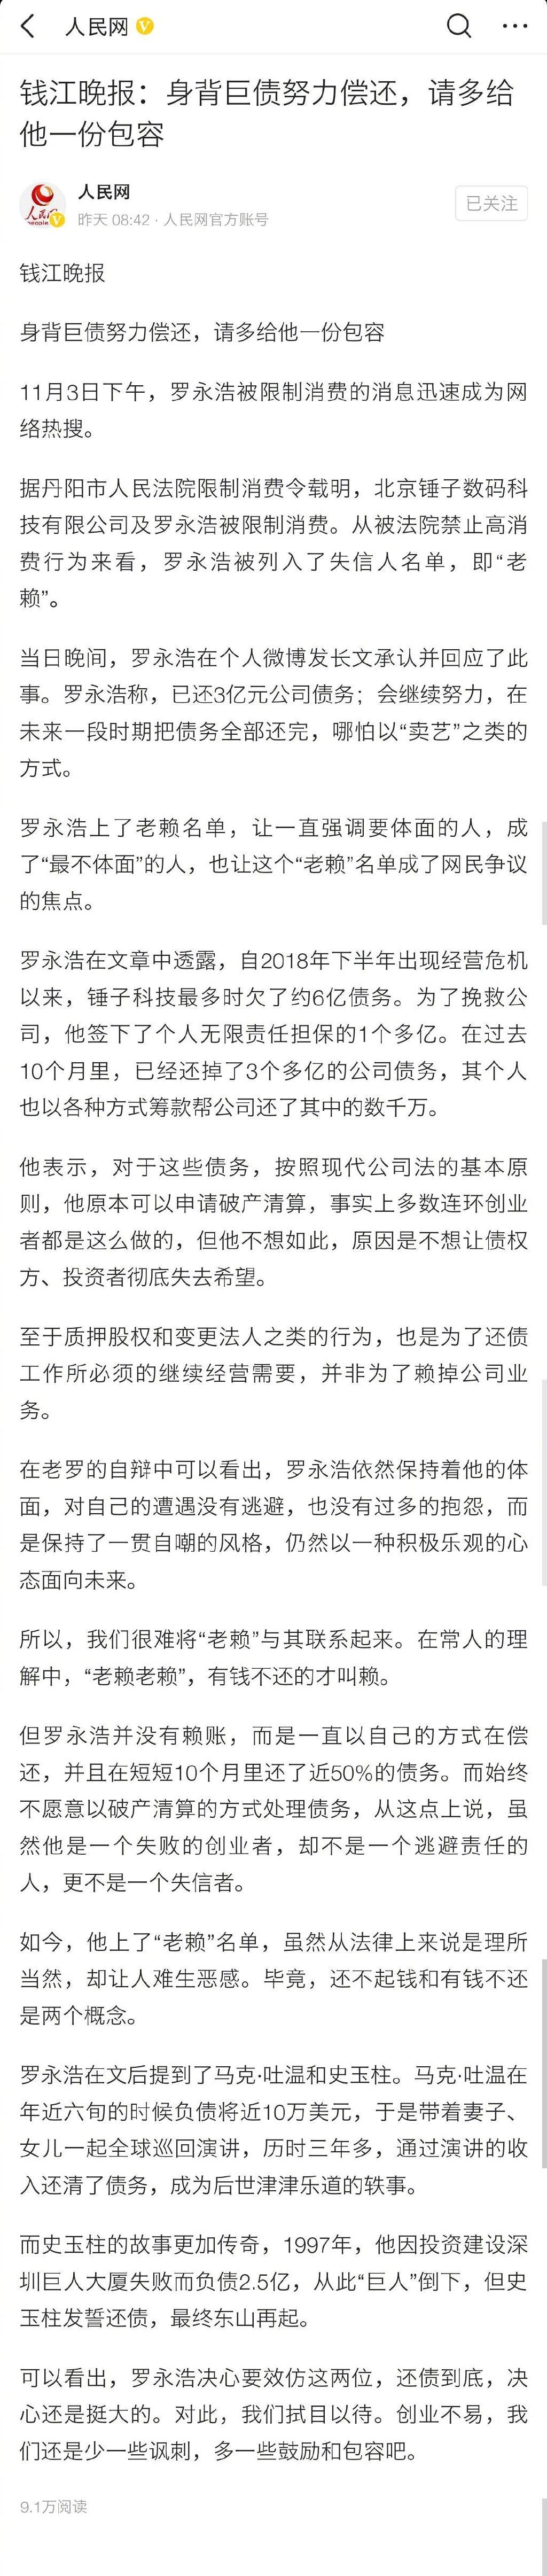 罗永浩发文:欠债还钱本是应有之义,会努力工作还债